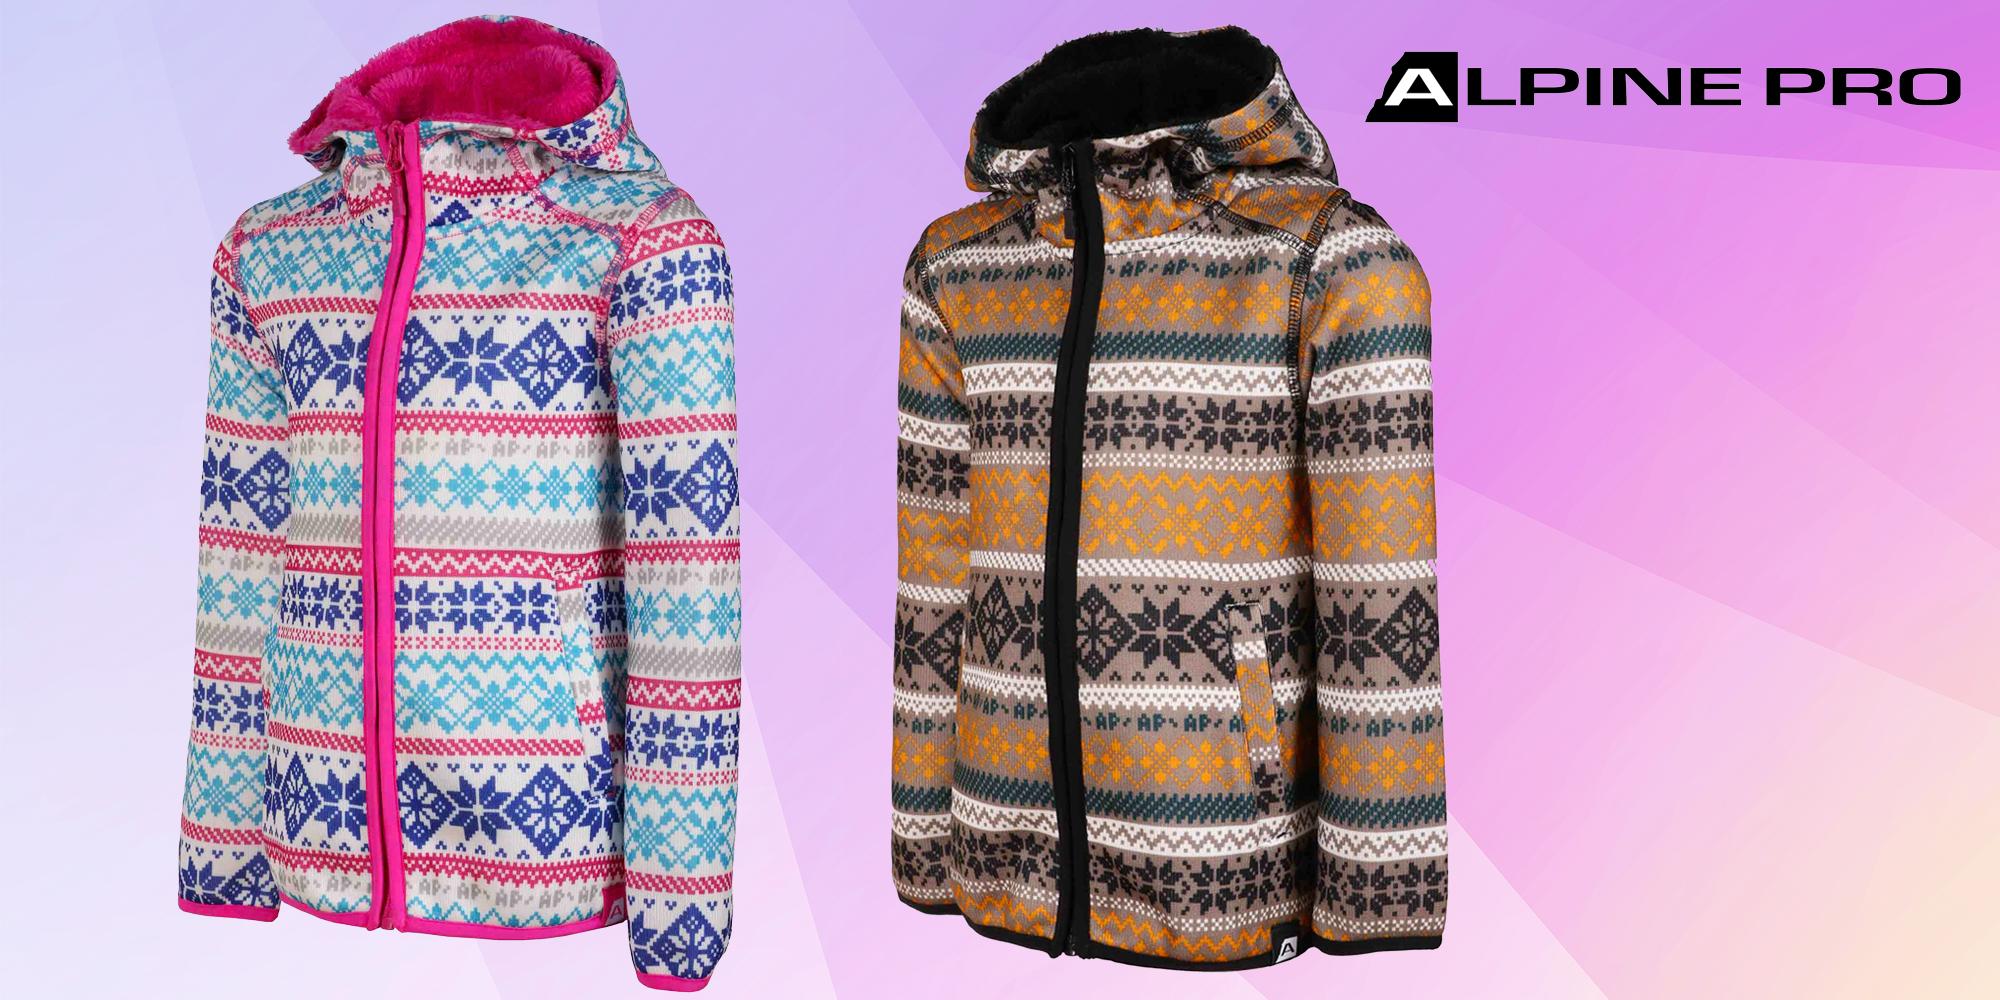 1a1a401f5105 Teplý dětský svetr Alpine Pro s kapucí